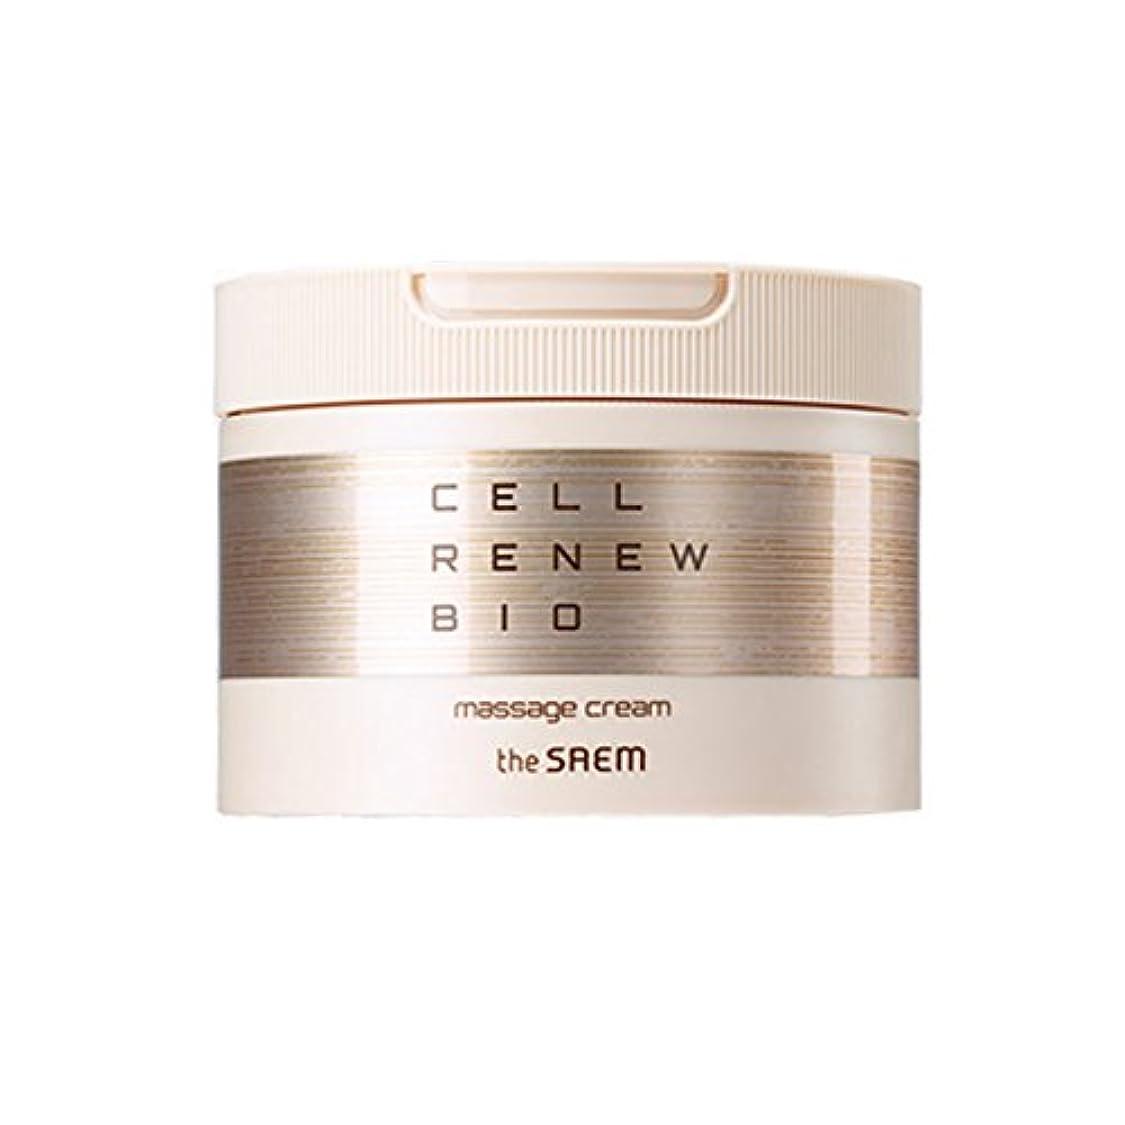 喉頭公平な横[ザセム] The Saem セル リニュー バイオ マッサージ クリーム Cell Renew Bio Massage Cream (海外直送品) [並行輸入品]